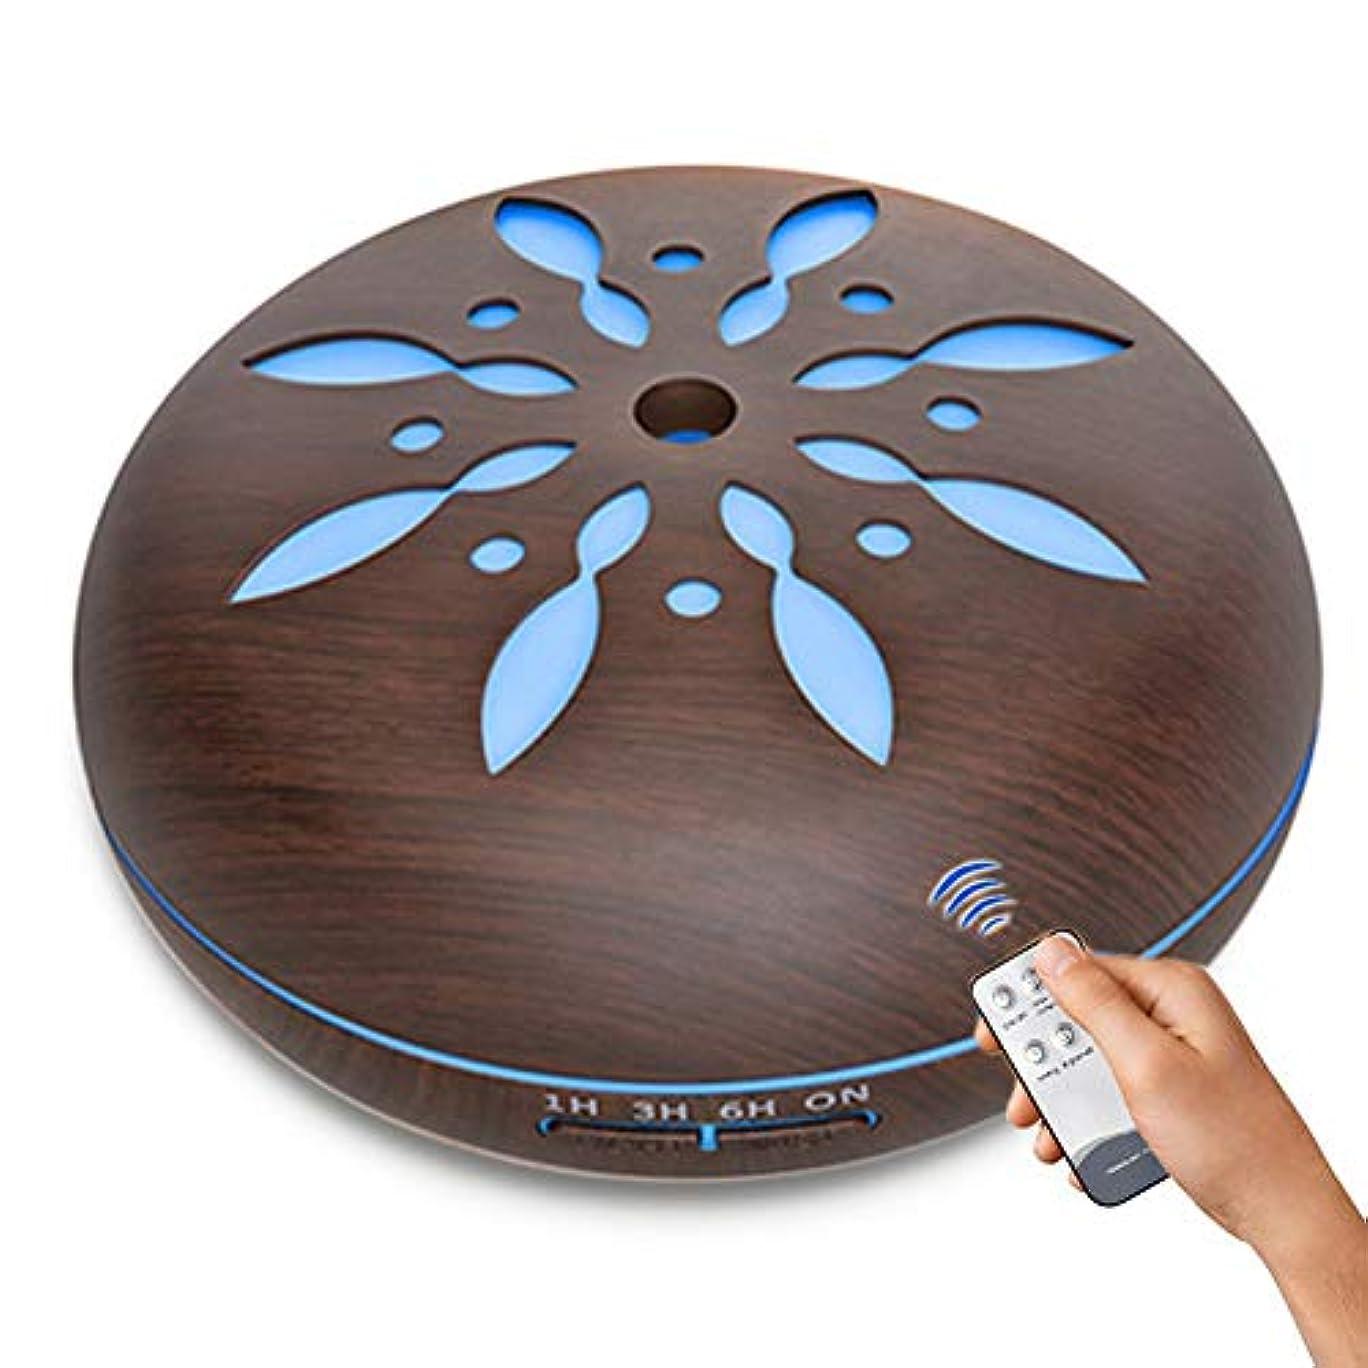 強化する投げる勝つアロマエッセンシャルオイルディフューザー、リモートコントロール、木目調アロマディフューザー、ホームオフィス用クールミスト空気加湿器